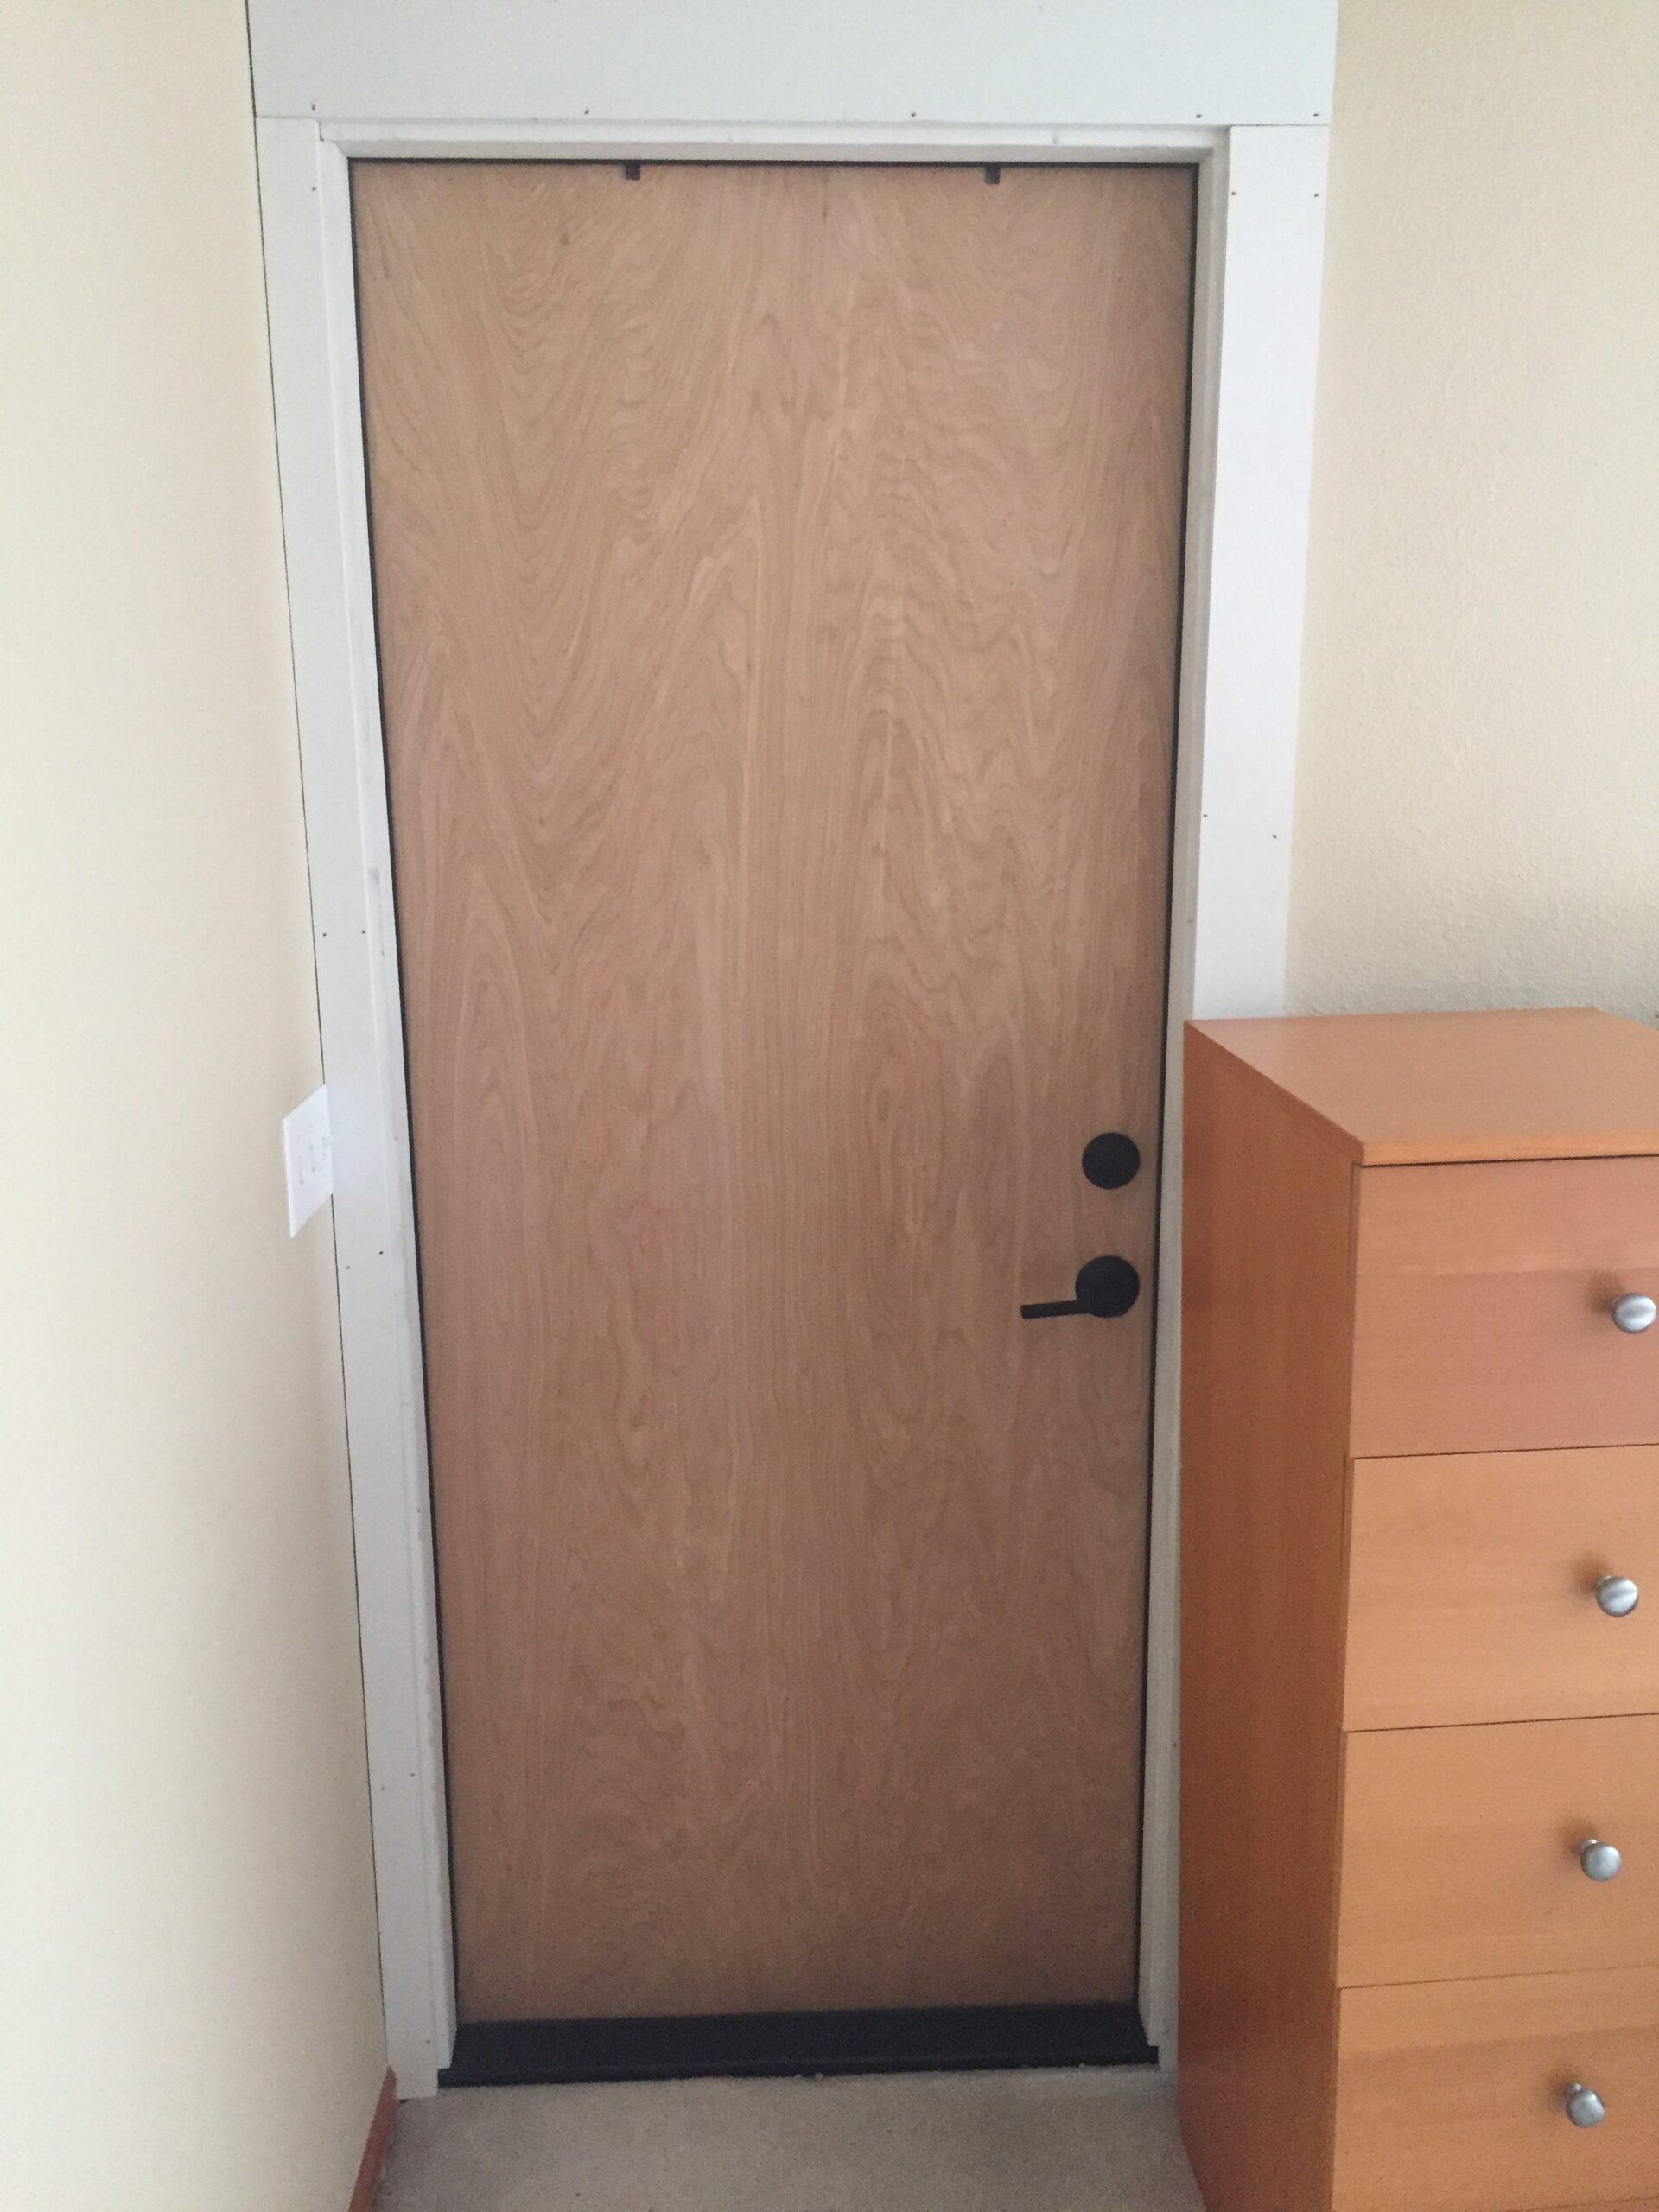 Solid wood door and trim next to dresser